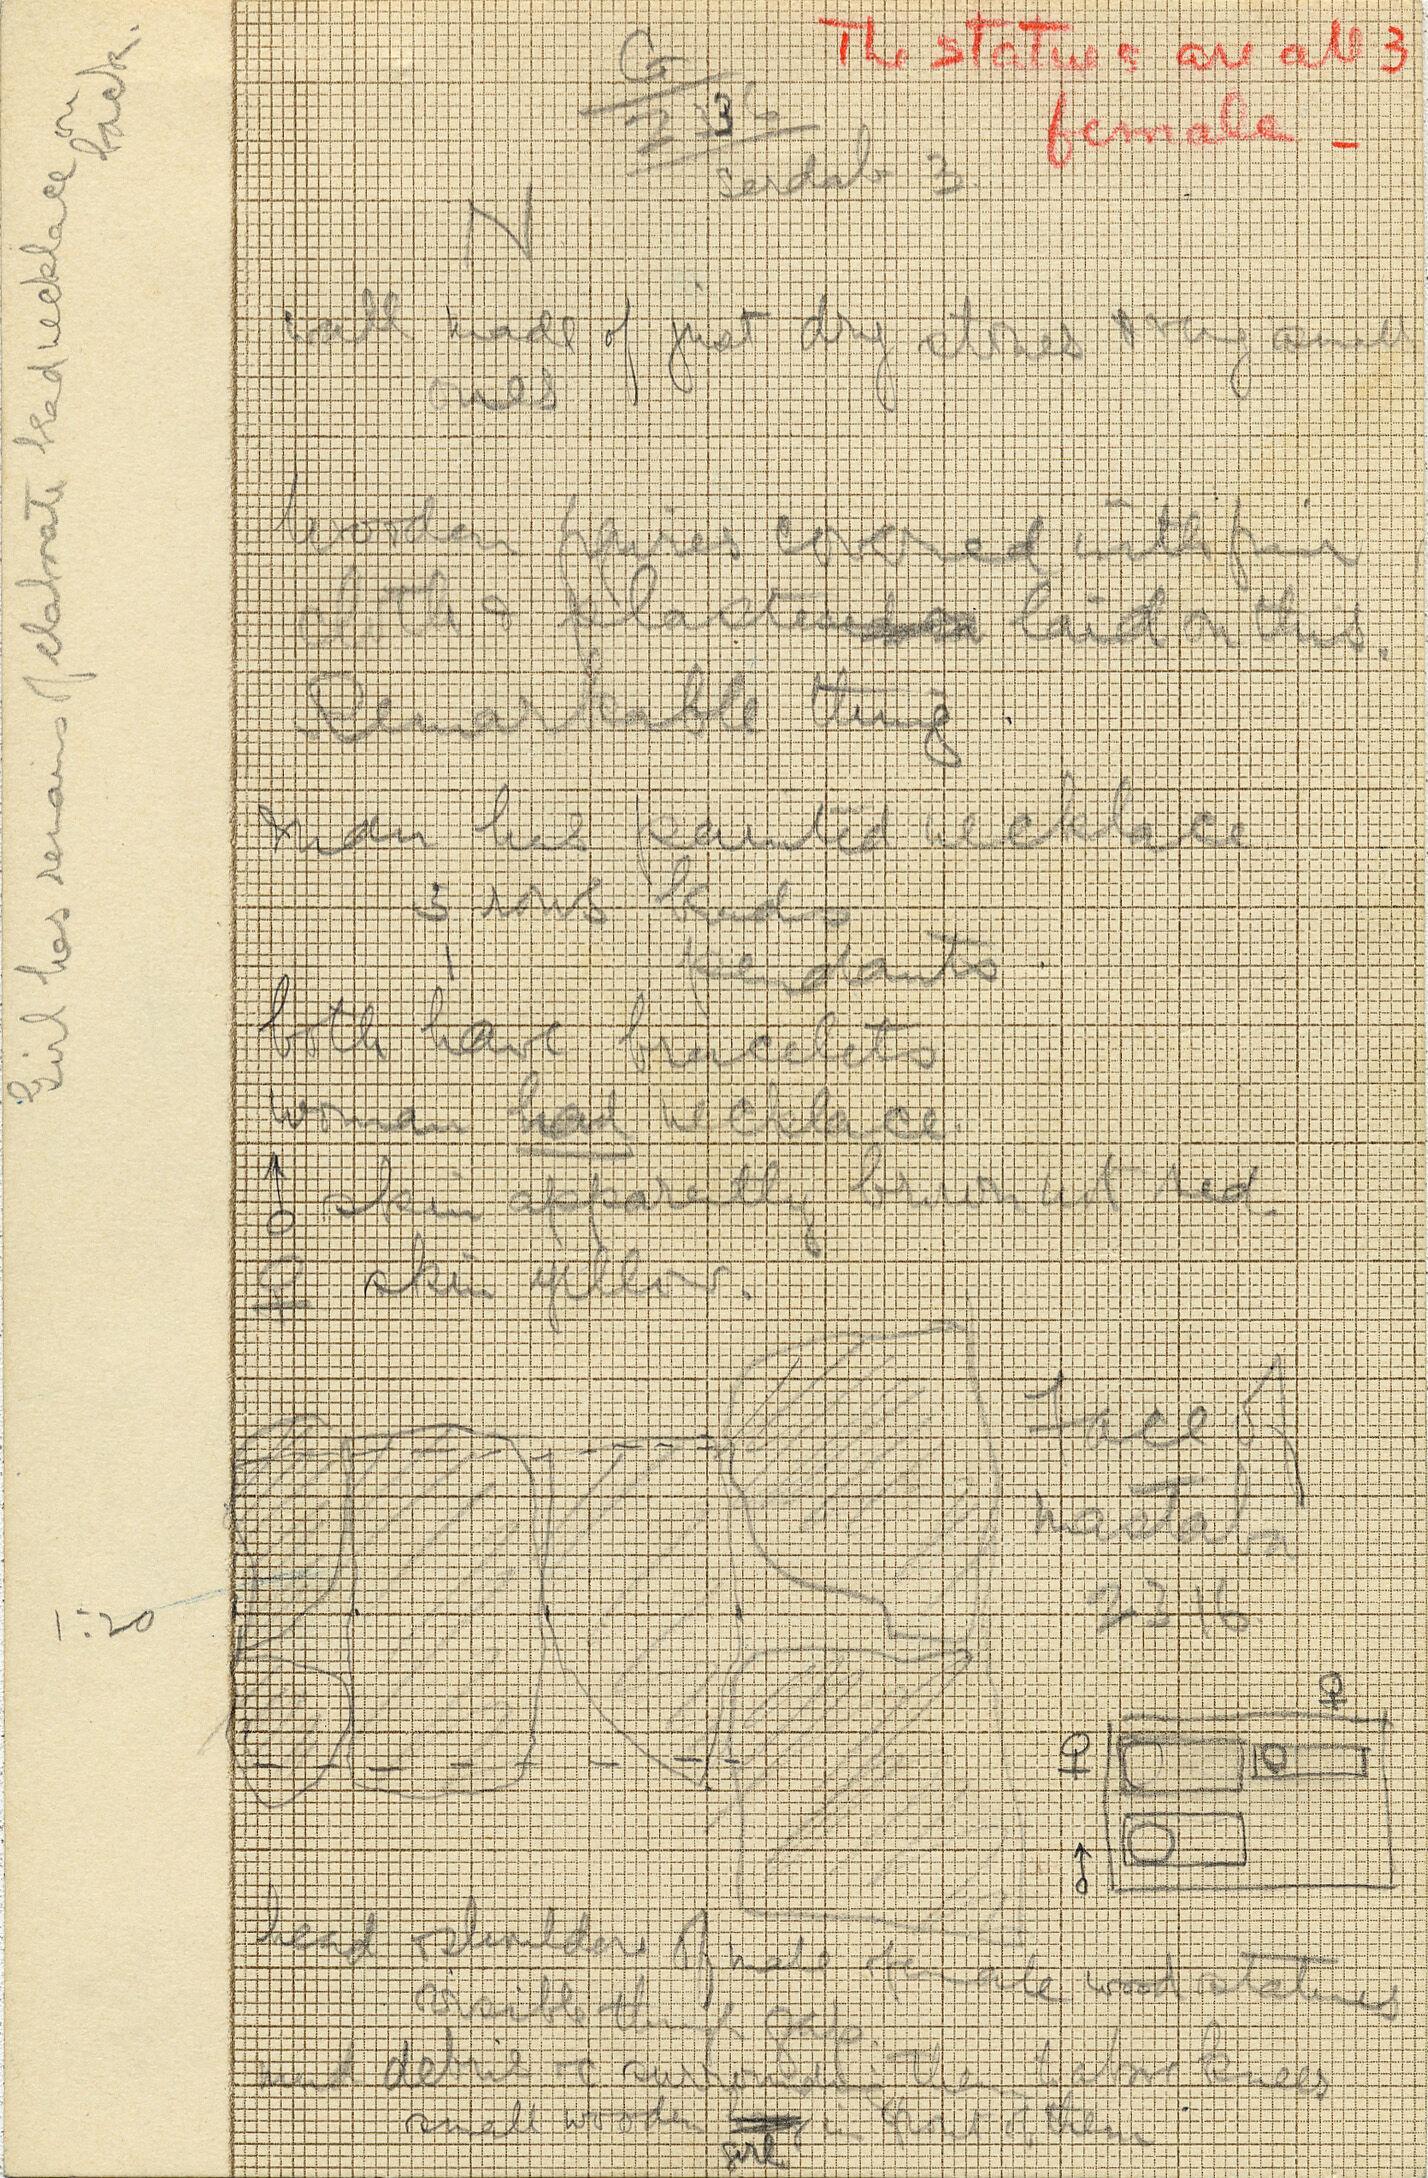 Notes: G 2336, Serdab 3